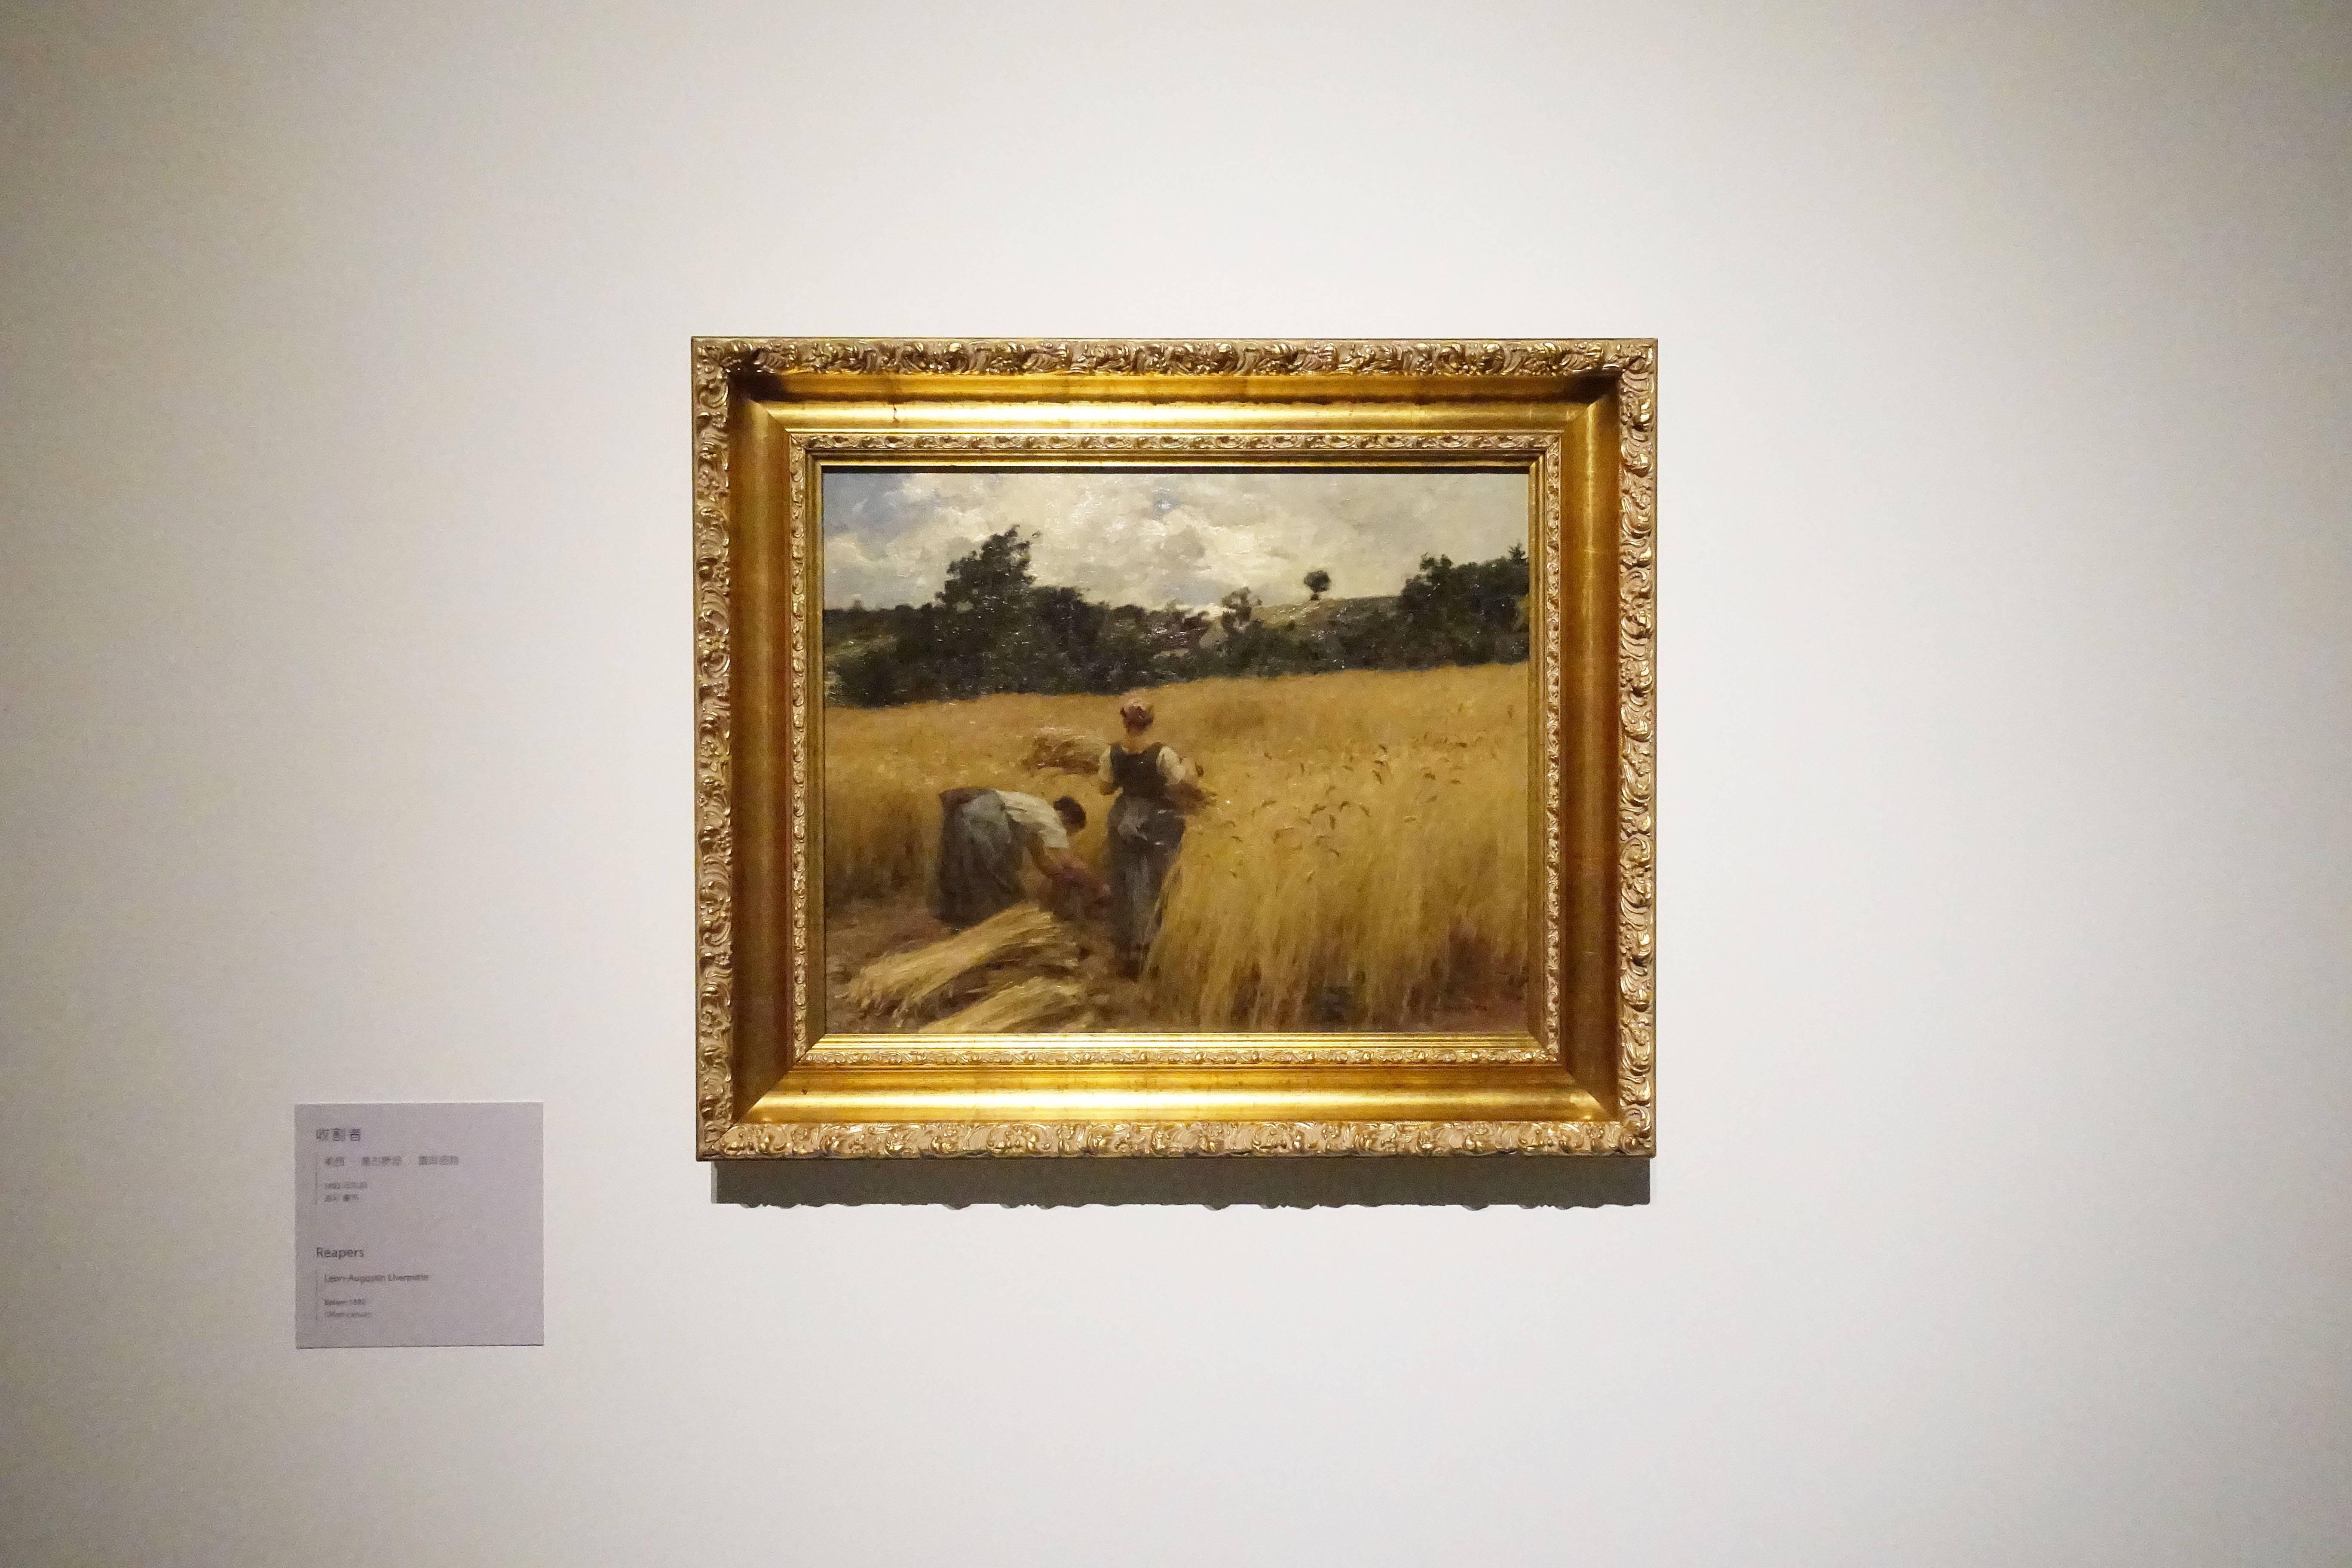 萊昂.奧古斯坦.雷荷密特 Léon-Augustin Lhermitte ,《收割者 Reapers》,油彩、畫布 Oil on canvas。